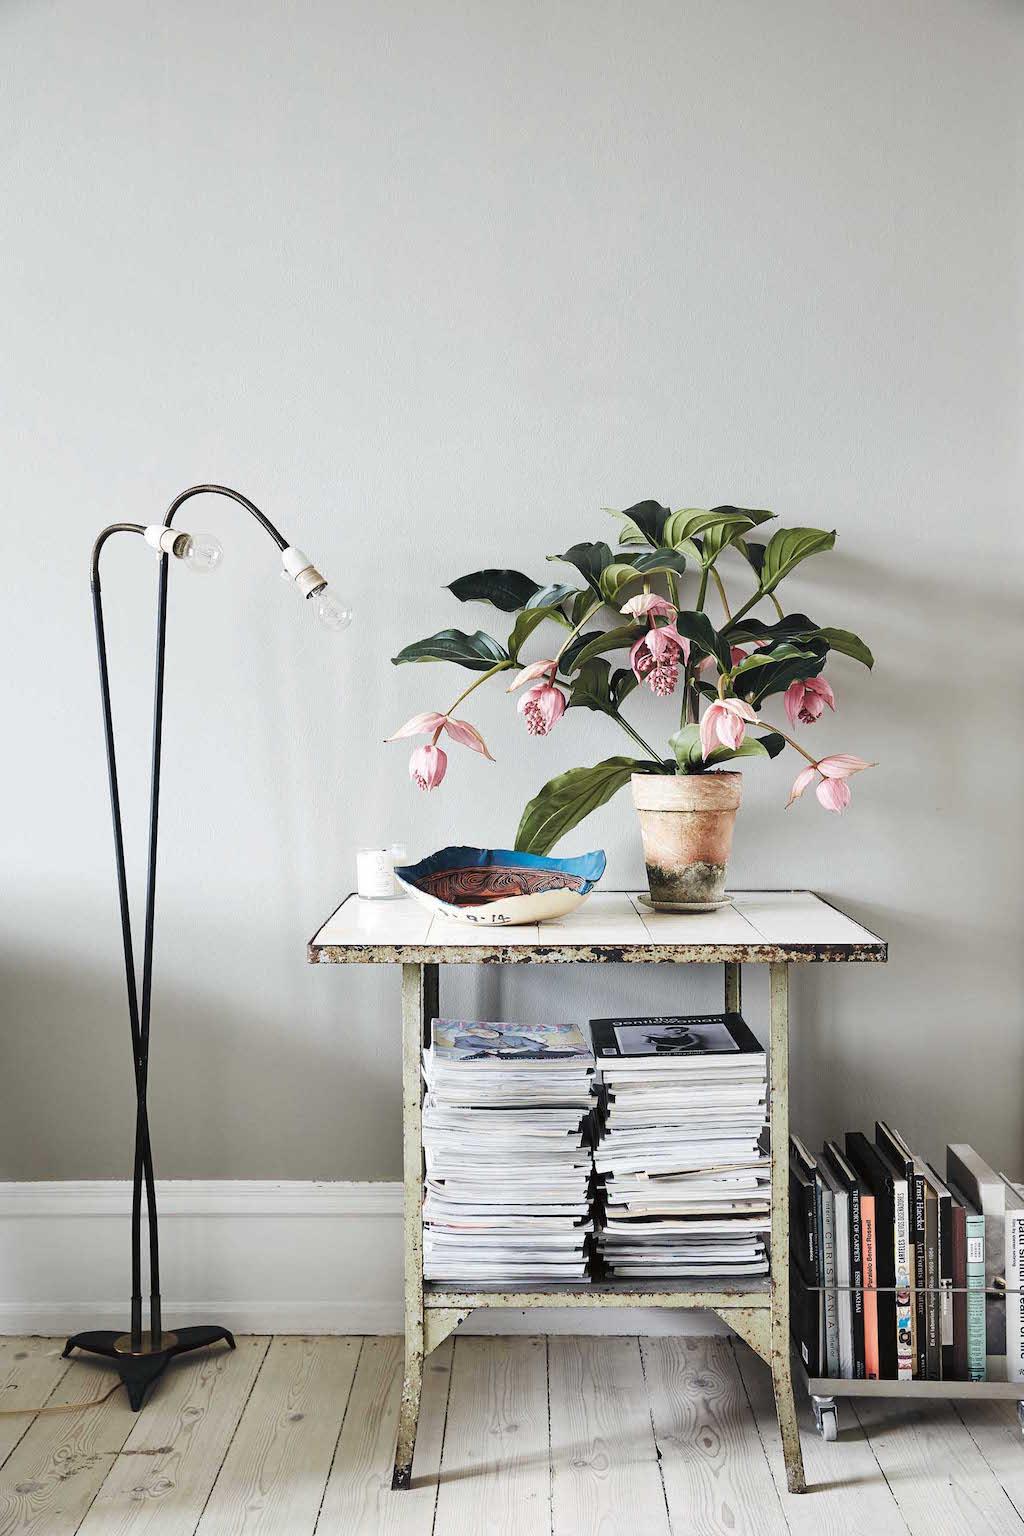 Diese Art von Tisch stand früher typischerweise in dänischen Kü- chen. Er ist gebraucht, genauso wie die Stehlampe daneben.